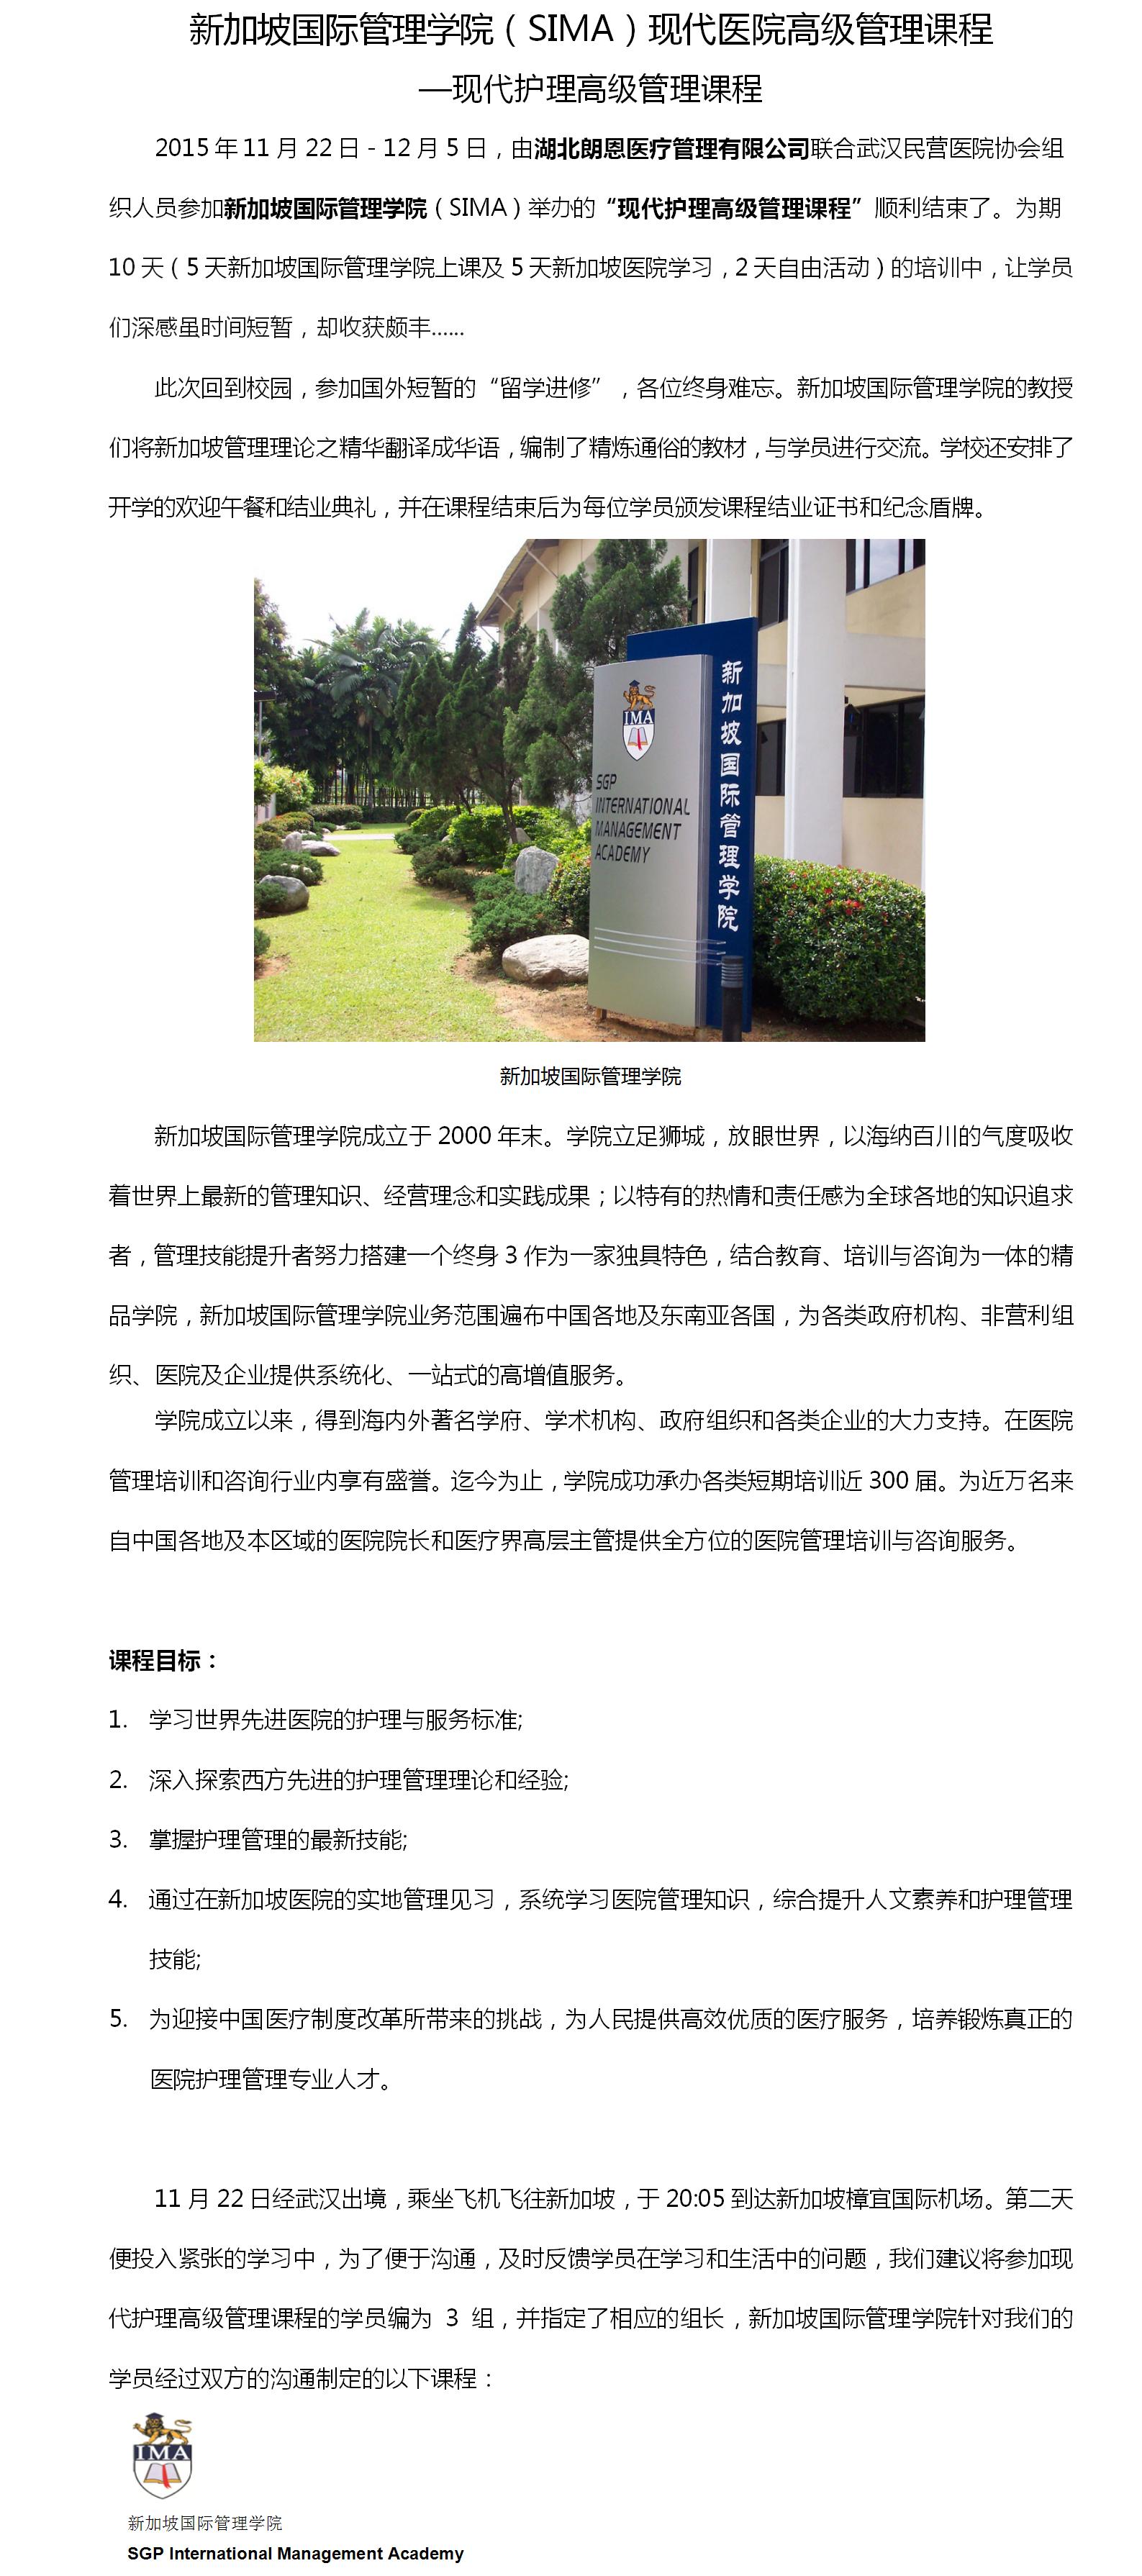 新加坡 现代护理高级管理课程1.png